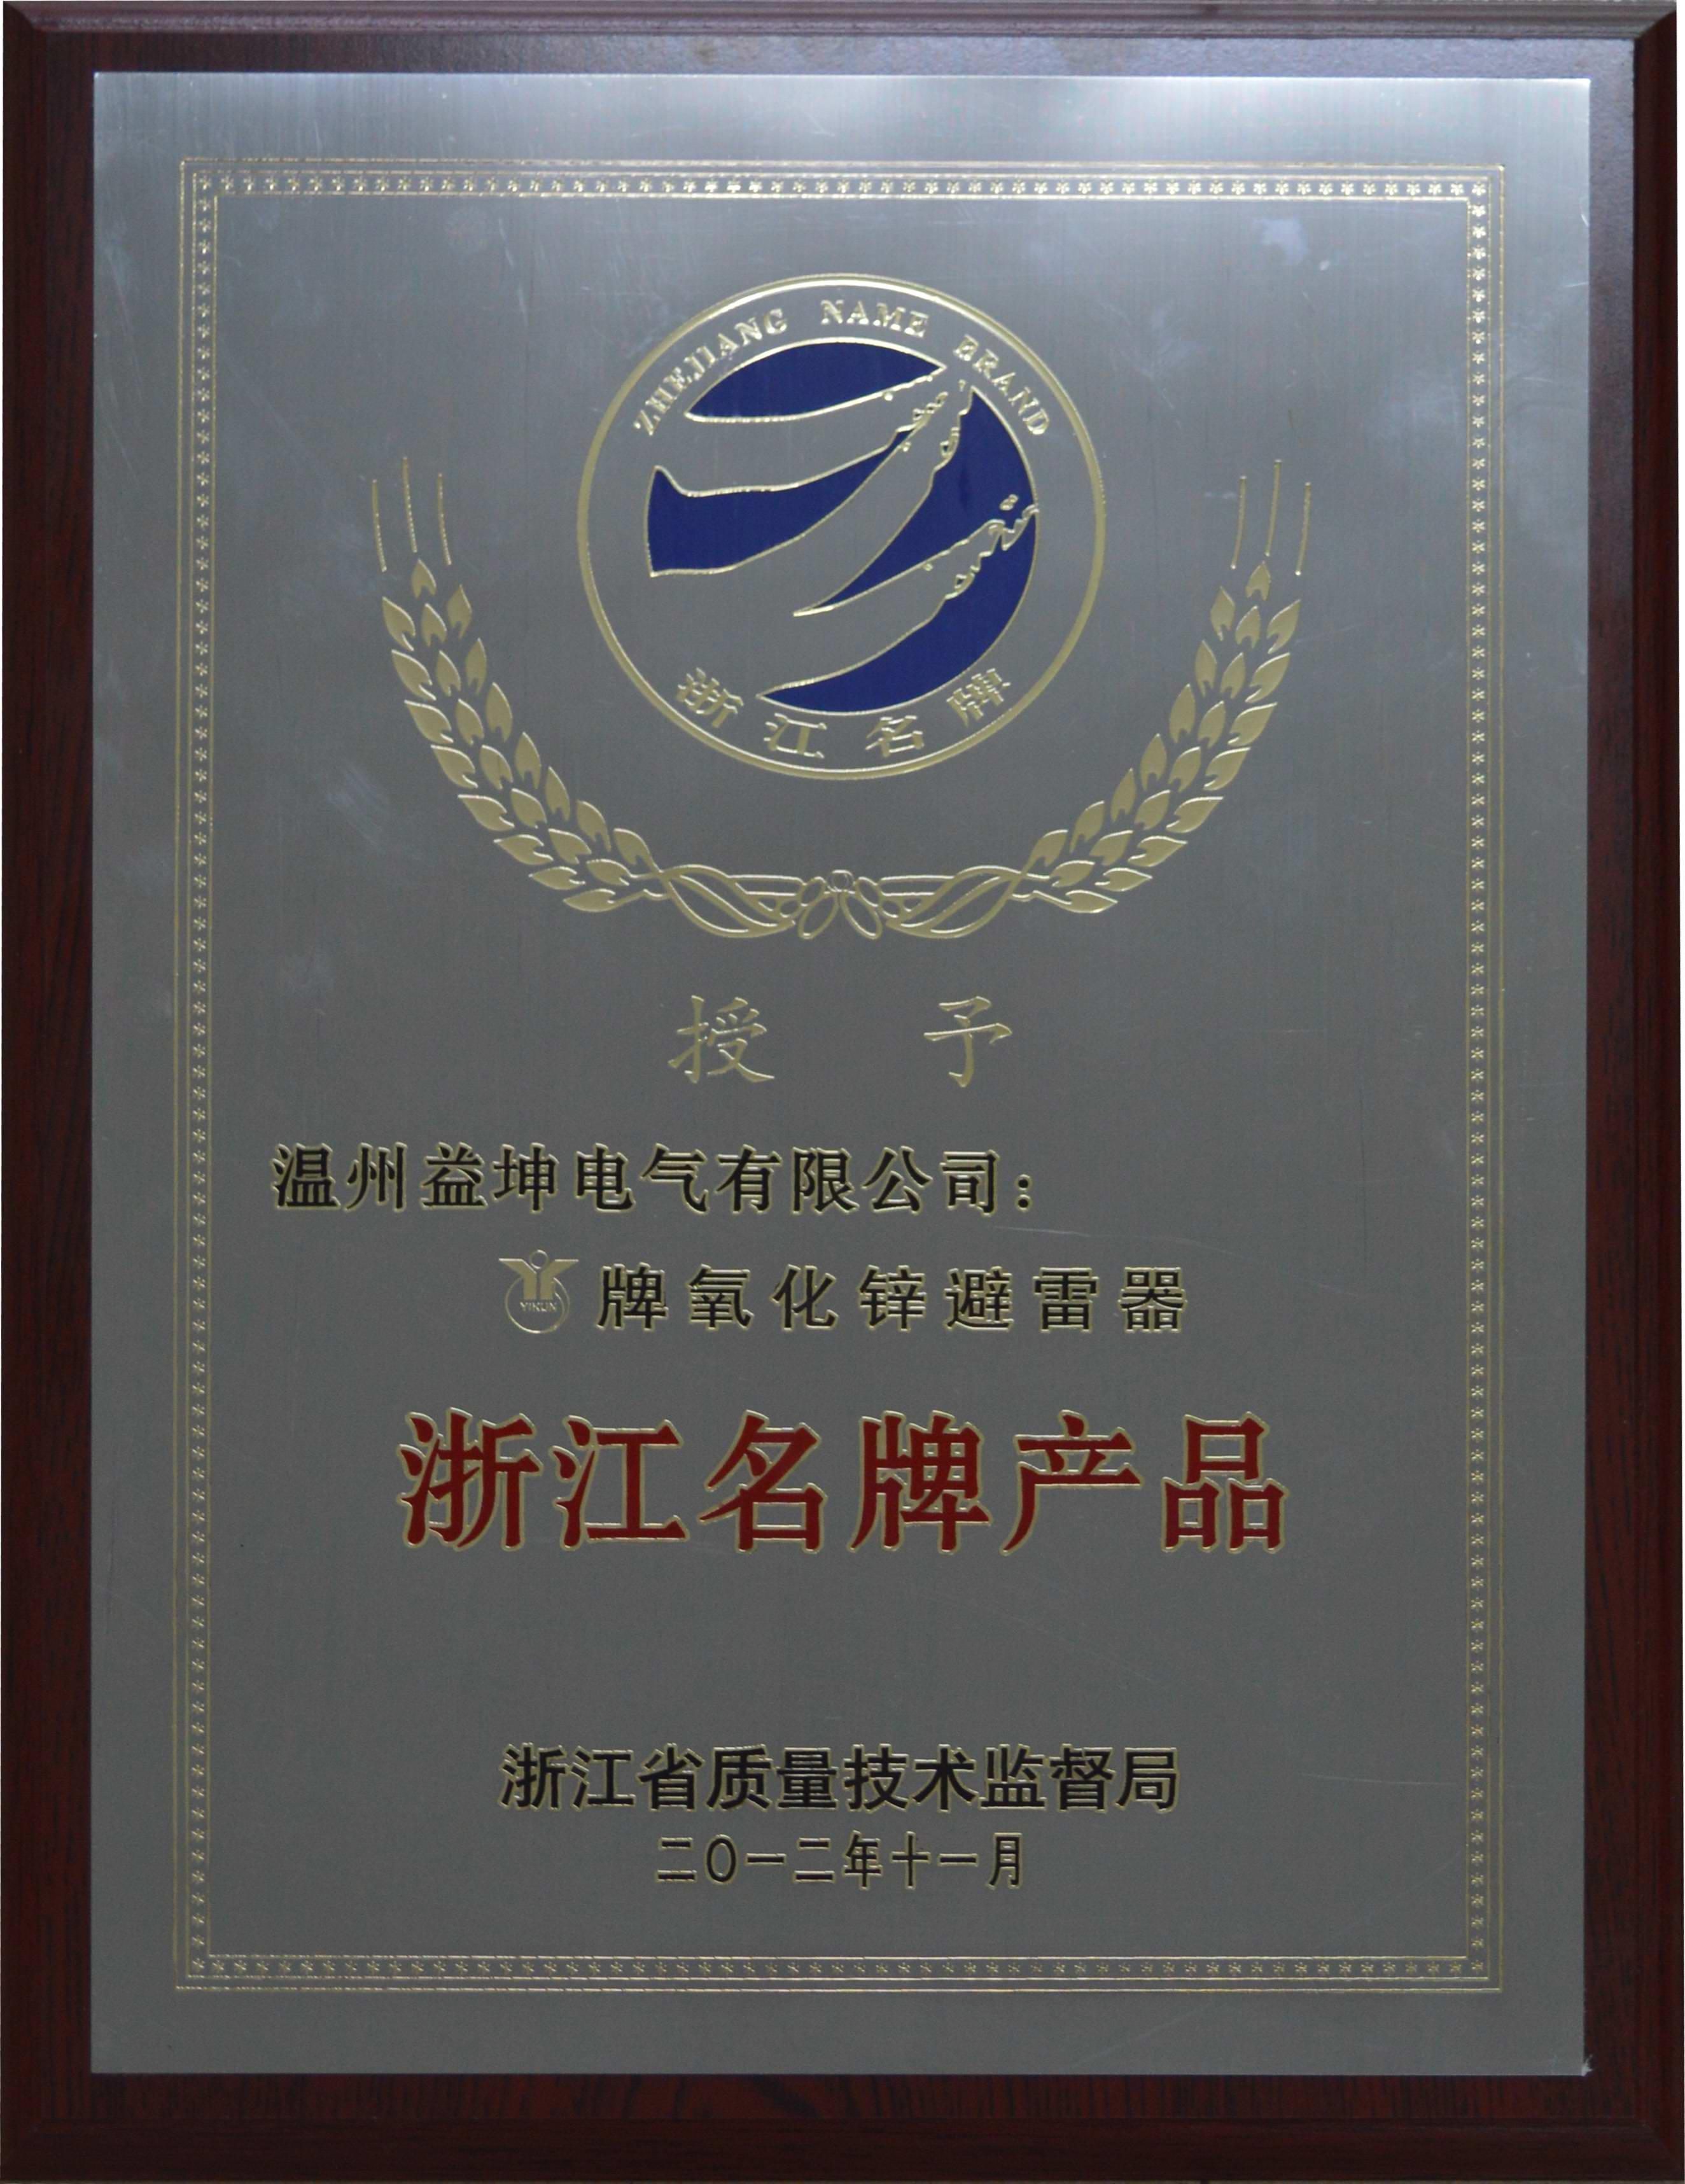 氧化锌避雷器浙江省名牌产品